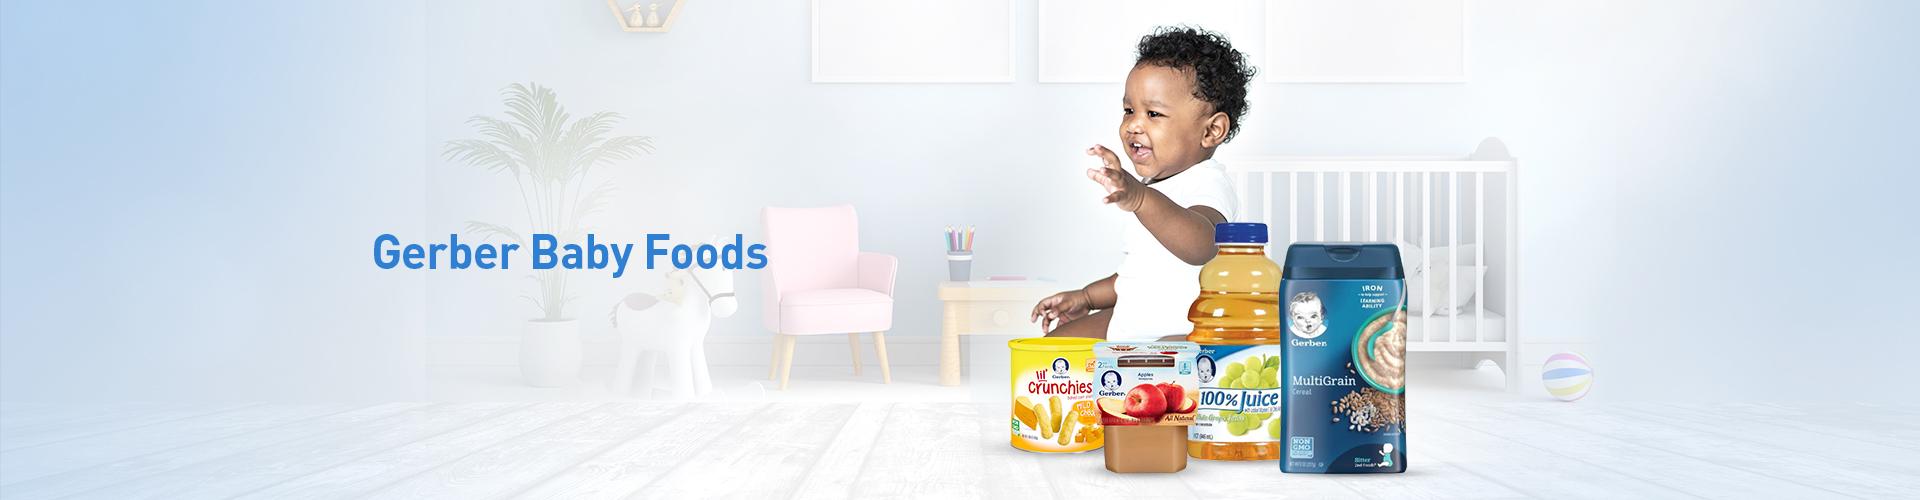 Gerber Baby Foods